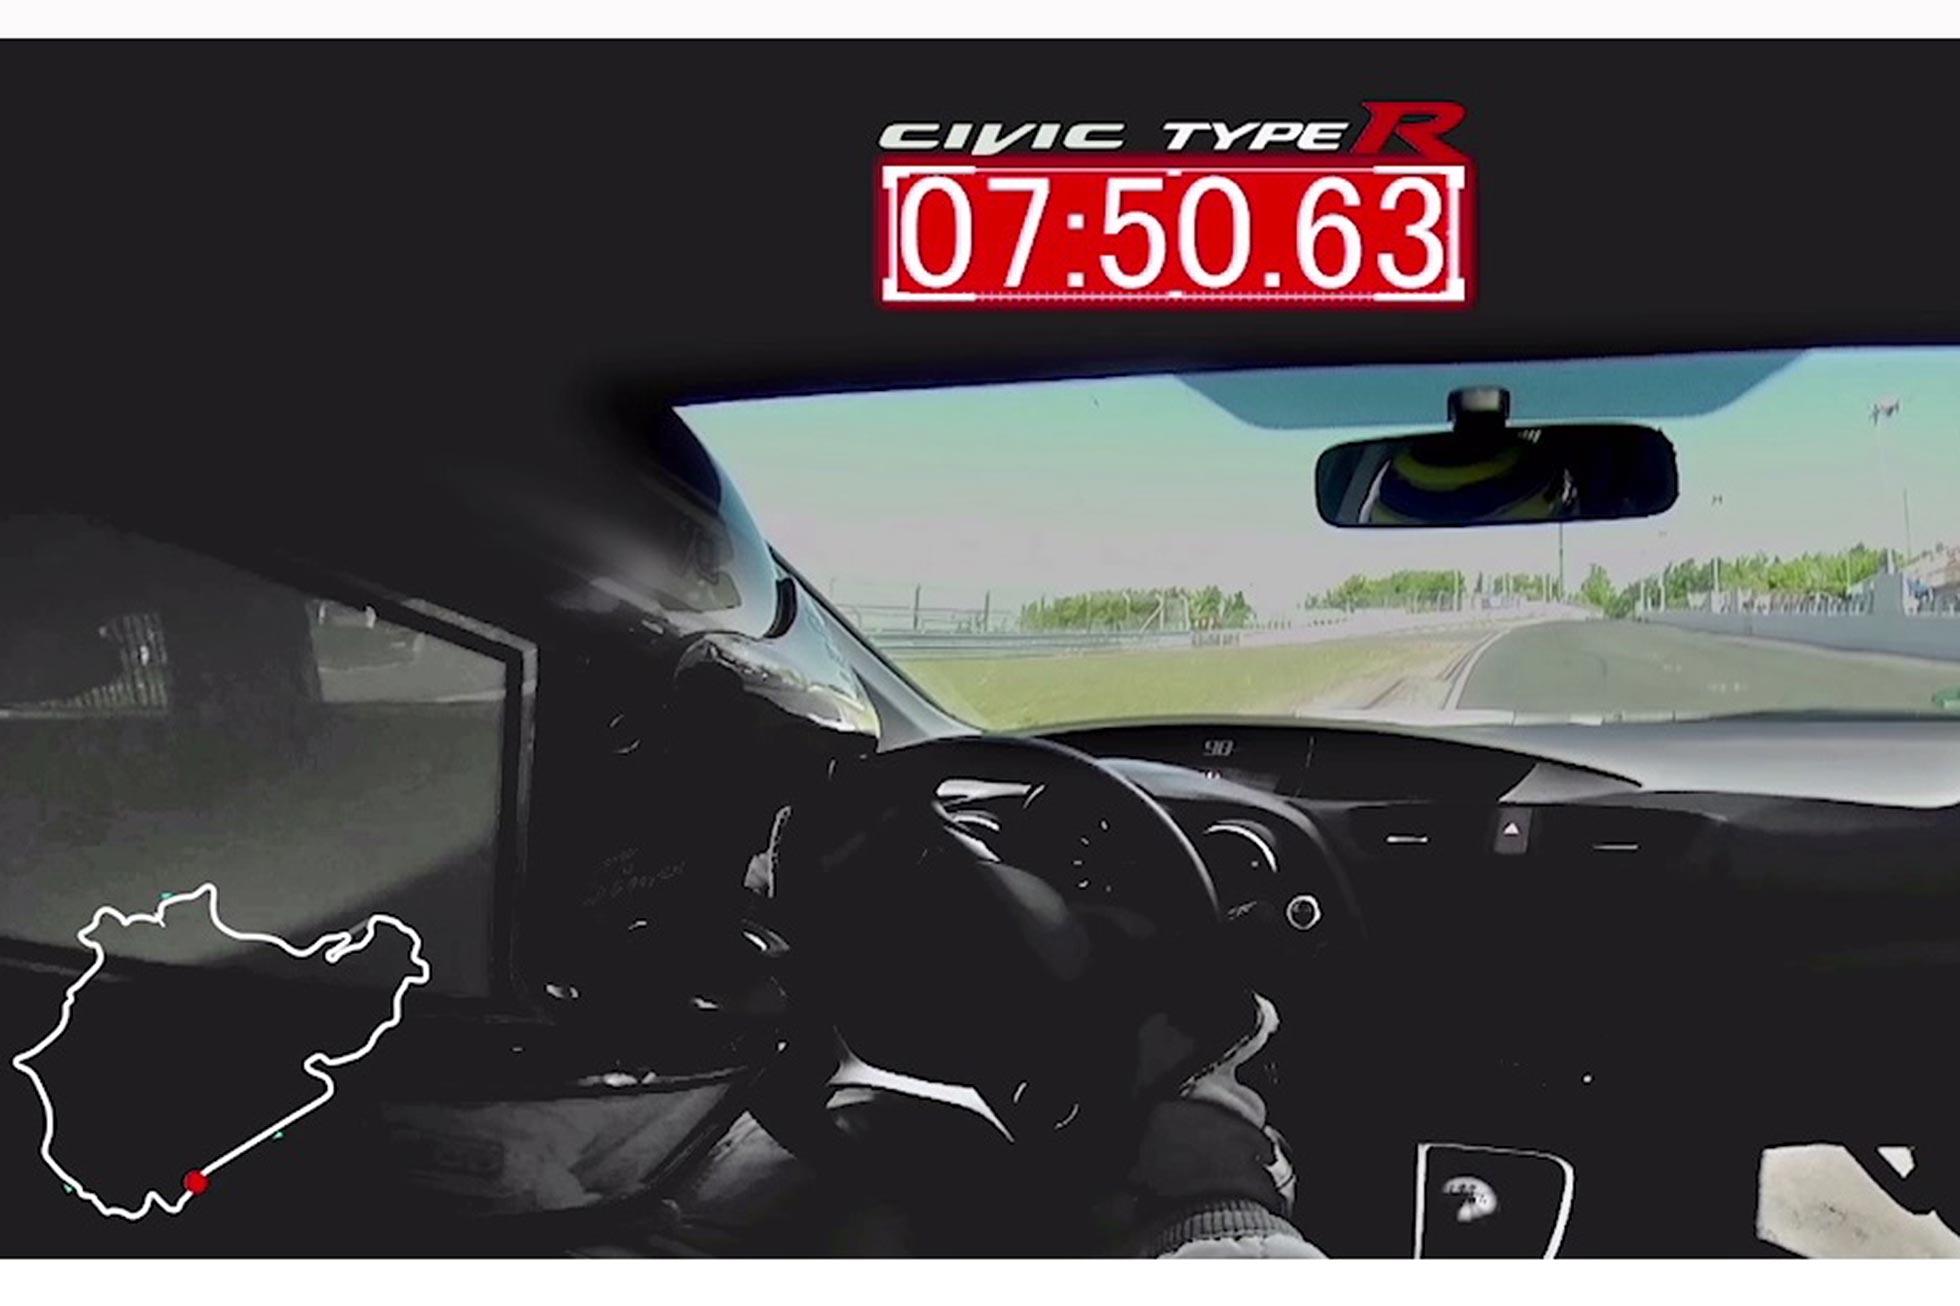 Honda Civic Type R sets 7m50 63s Nurburgring record